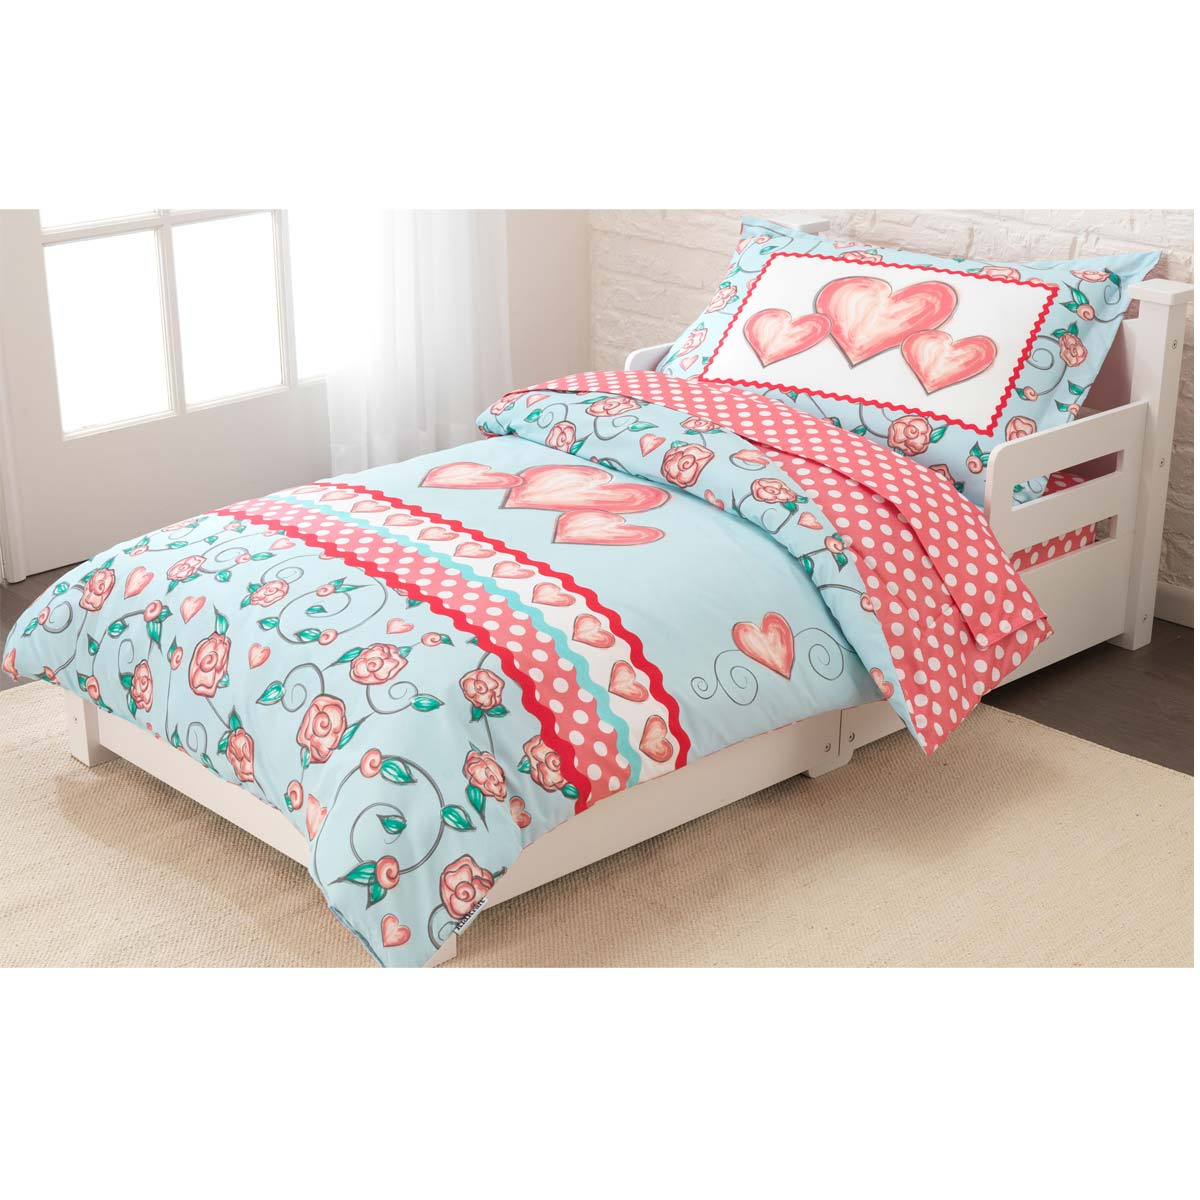 Kidkraft 77004 biancheria lenzuolo da letto per bambine - Biancheria per letto ...